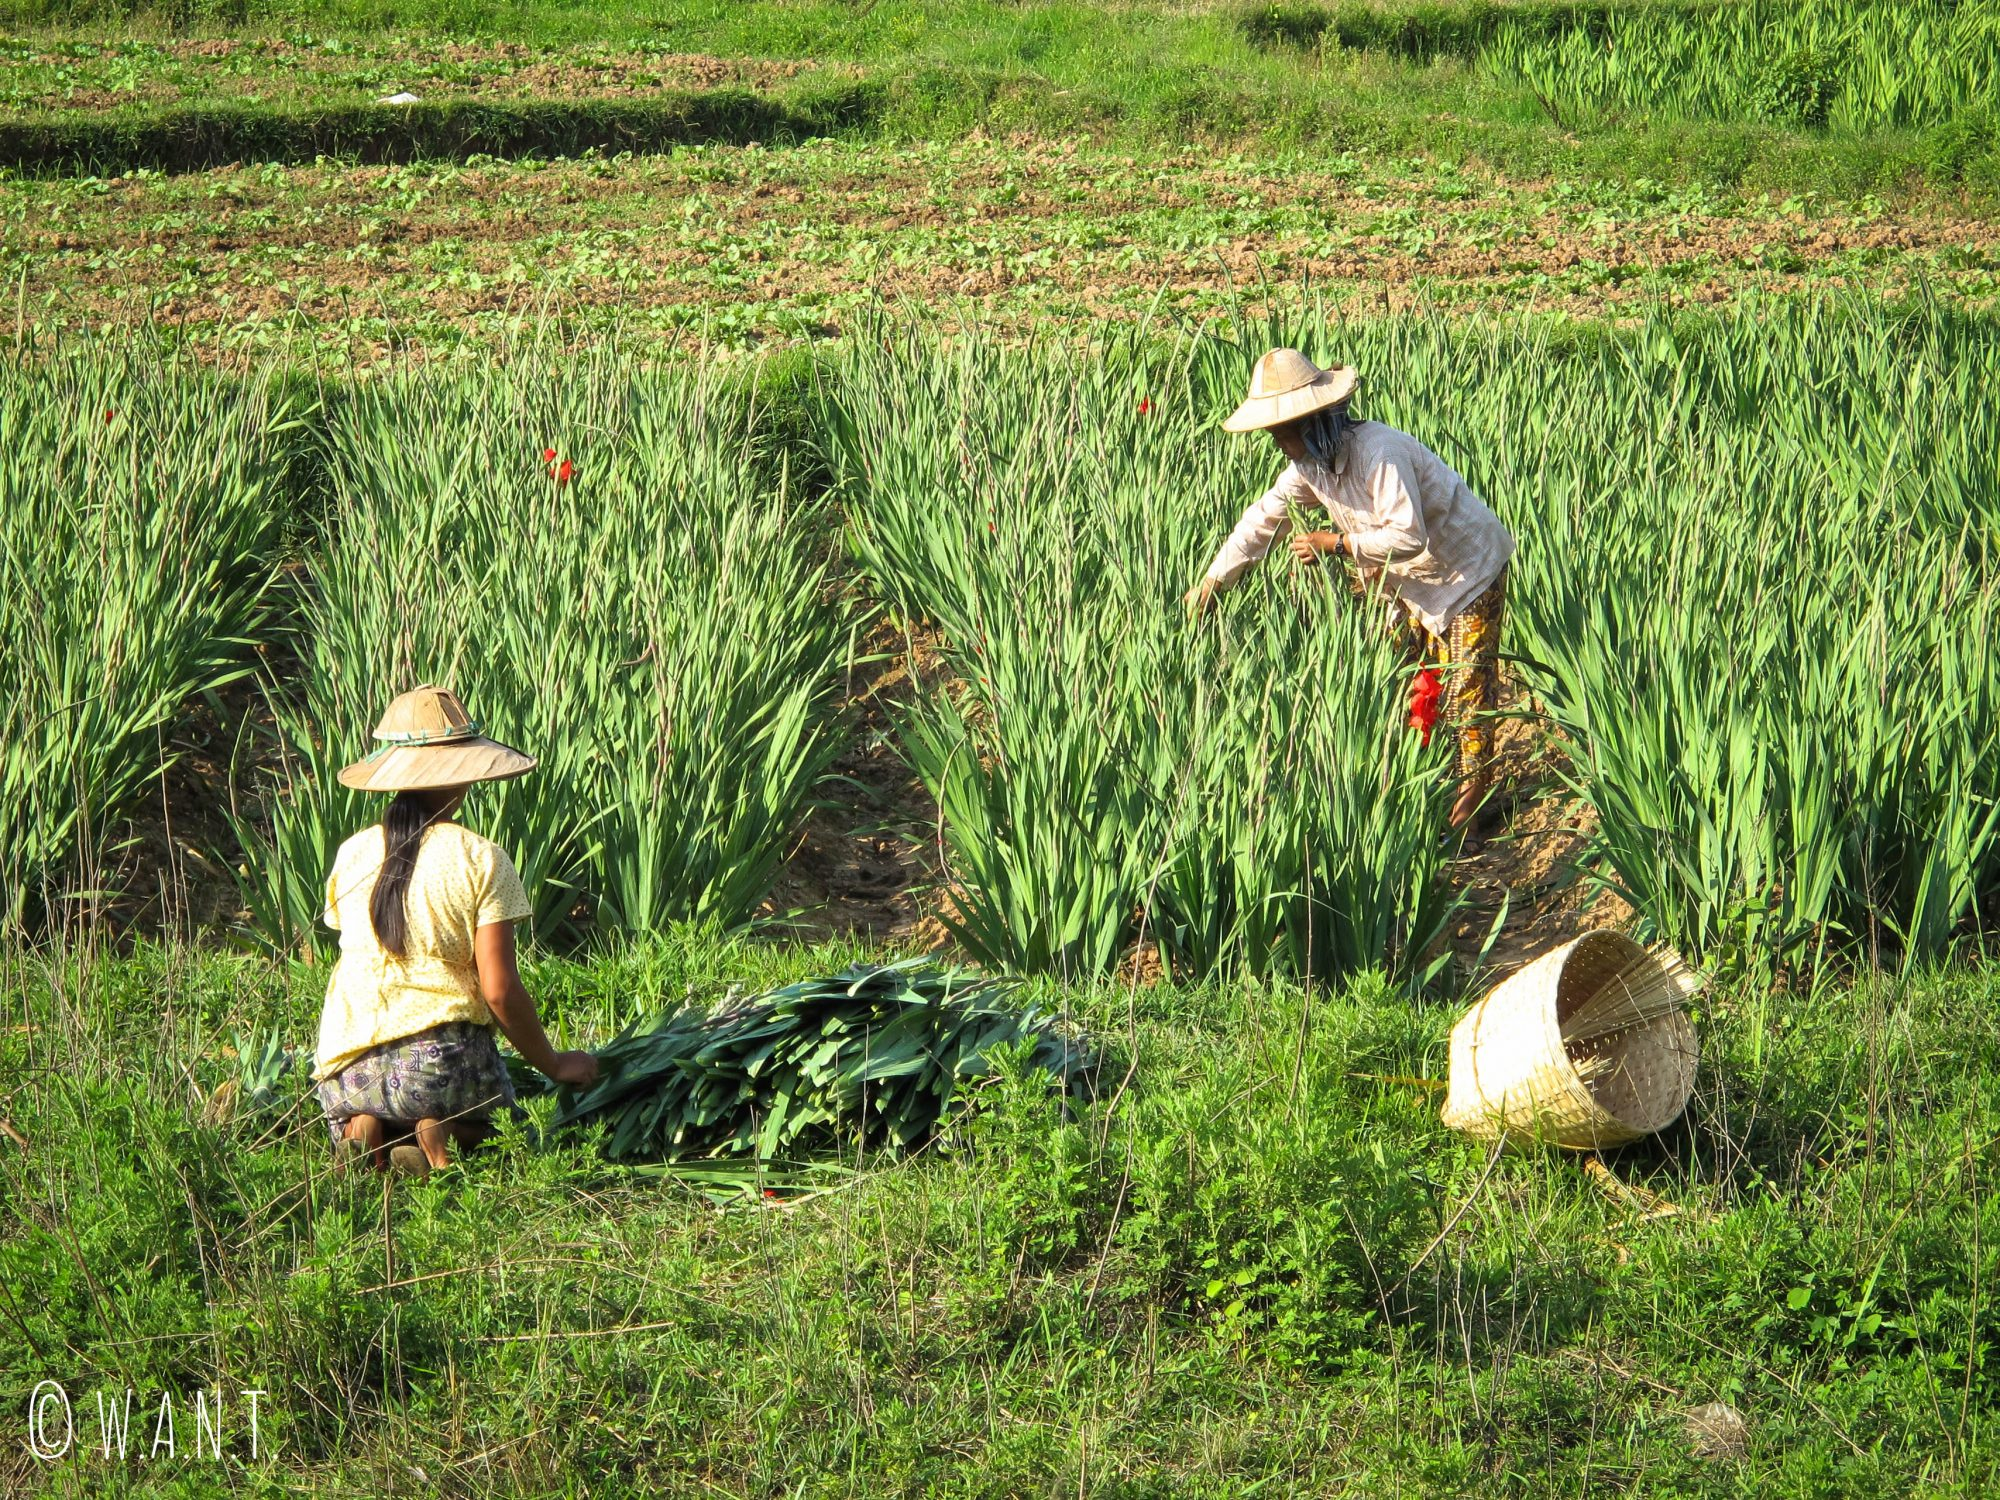 Le travail dans les champs est quasi exclusivement manuel